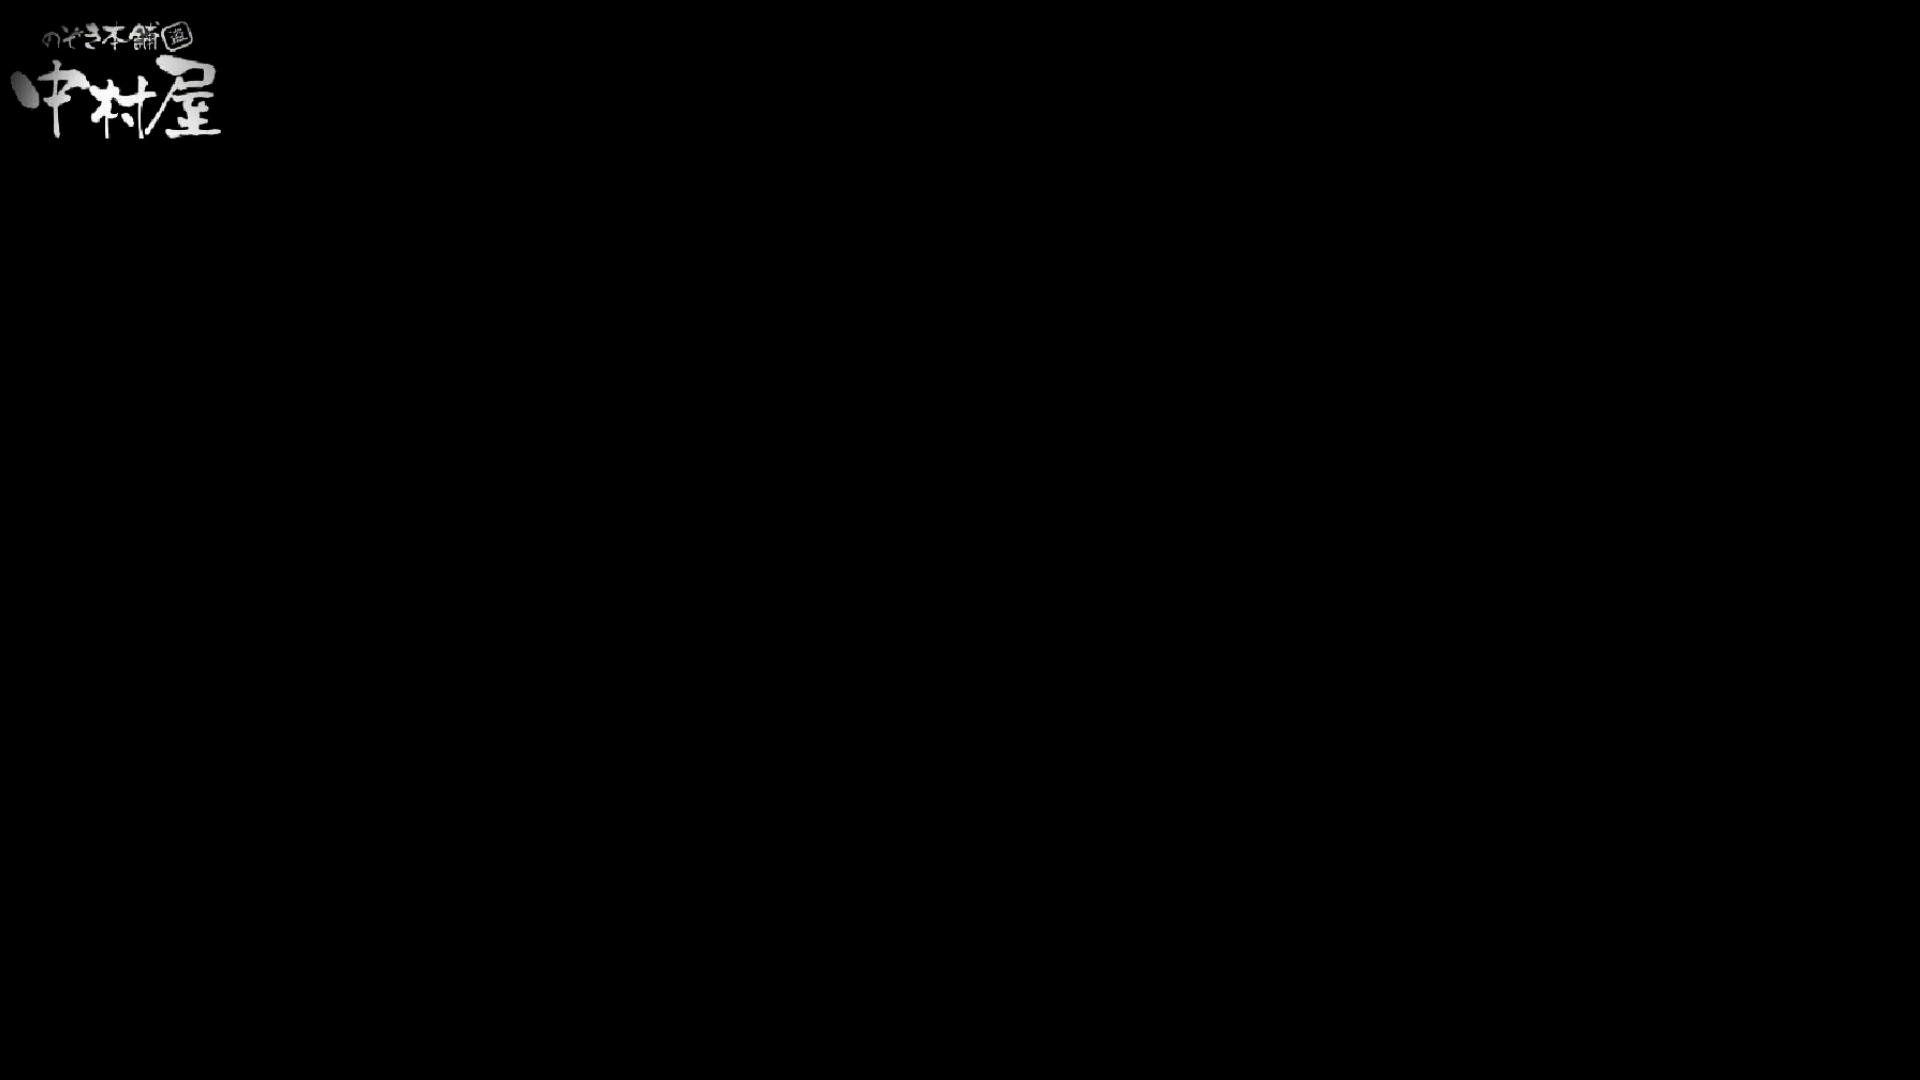 雅さんが厳選新年特別コンテンツ!激走!東京マラソン選手専用女子トイレvol.9 トイレ 盗撮 105PIX 105